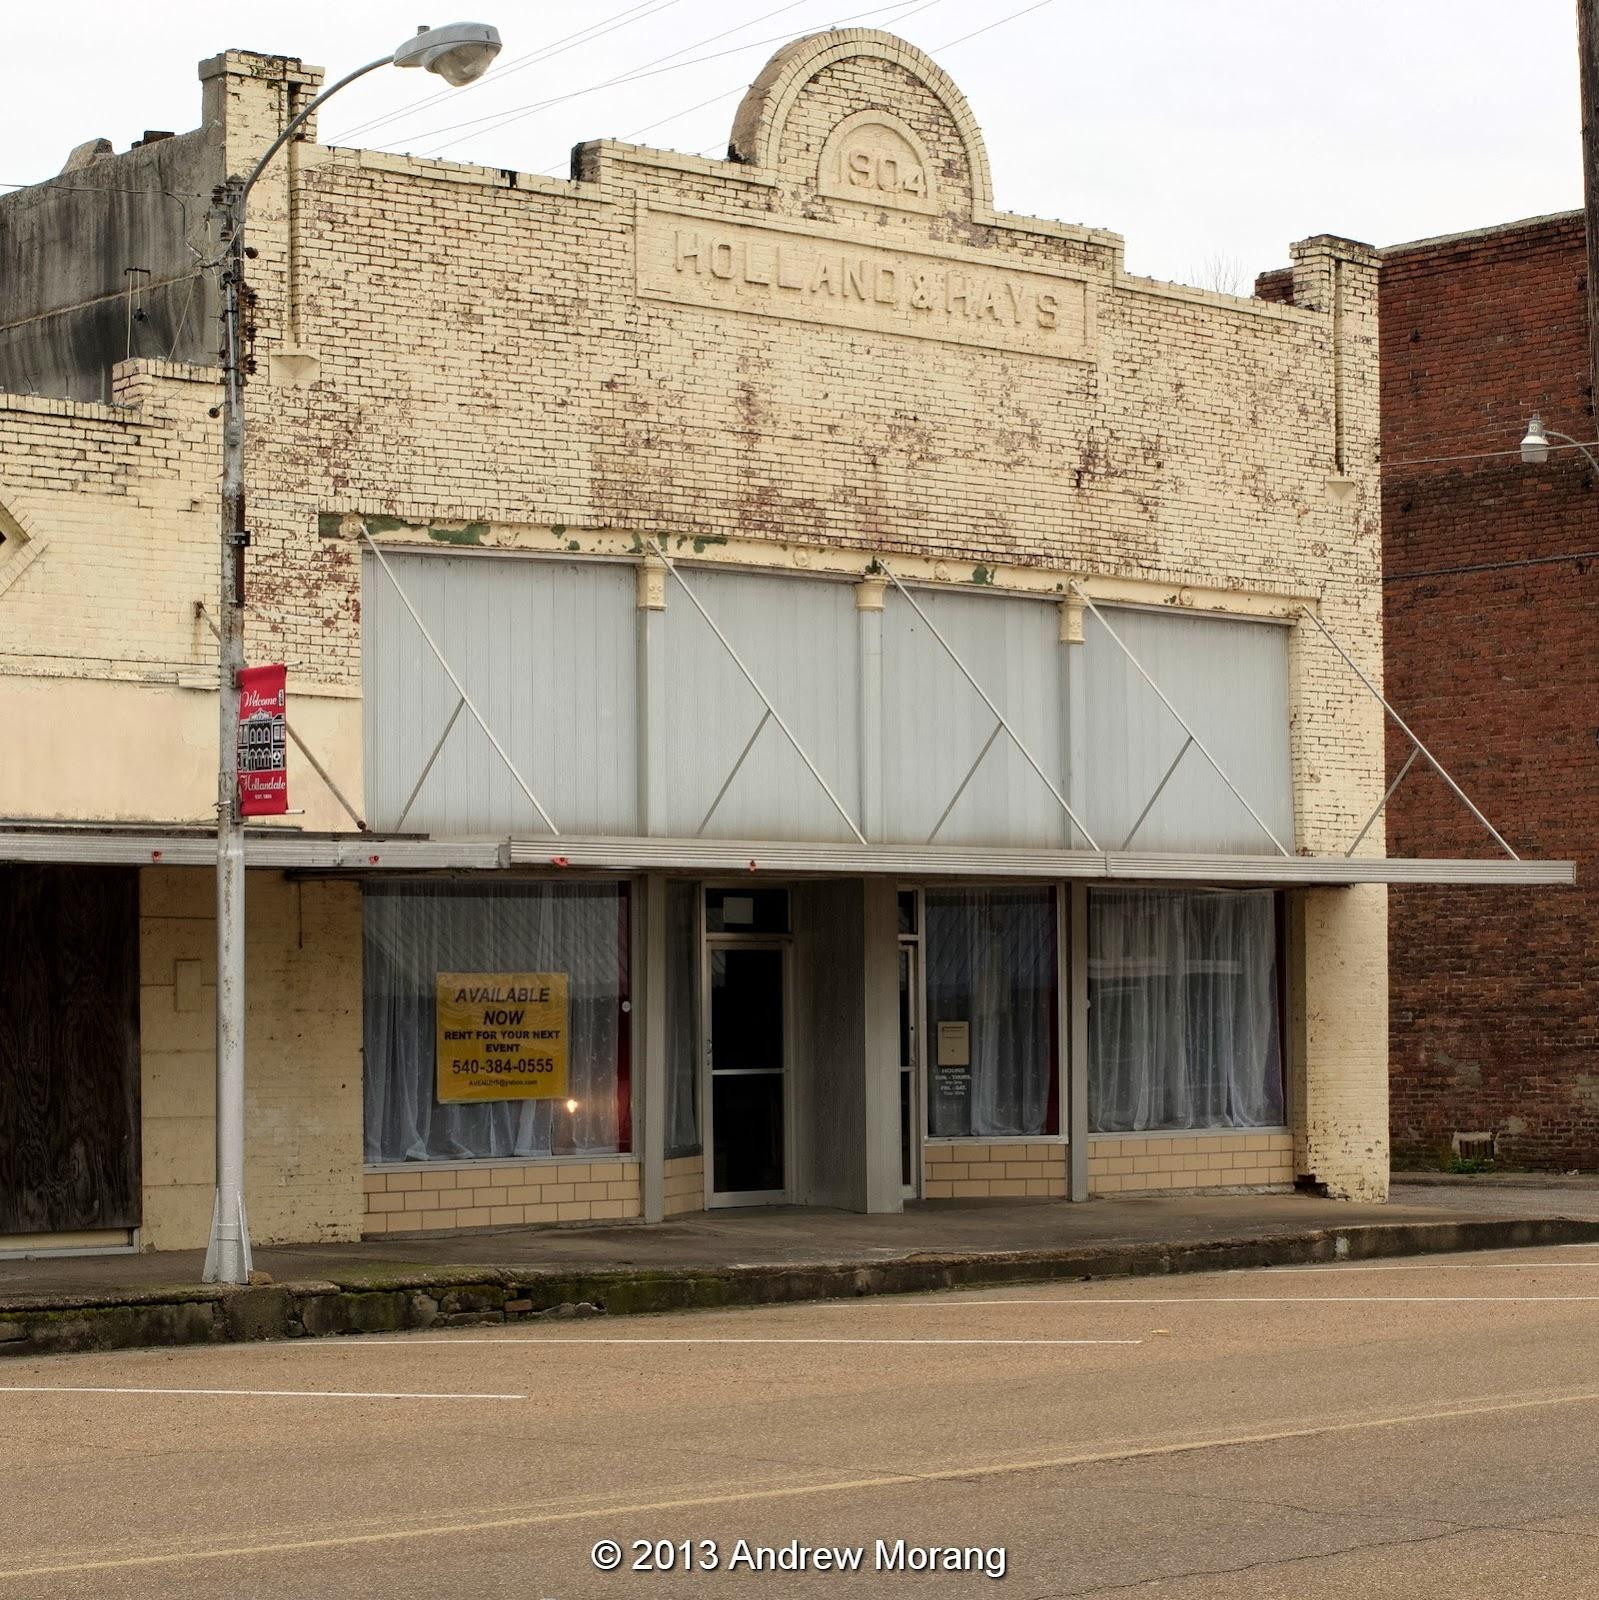 Mississippi washington county hollandale - Hitghway 12 Washington Street Hollandale